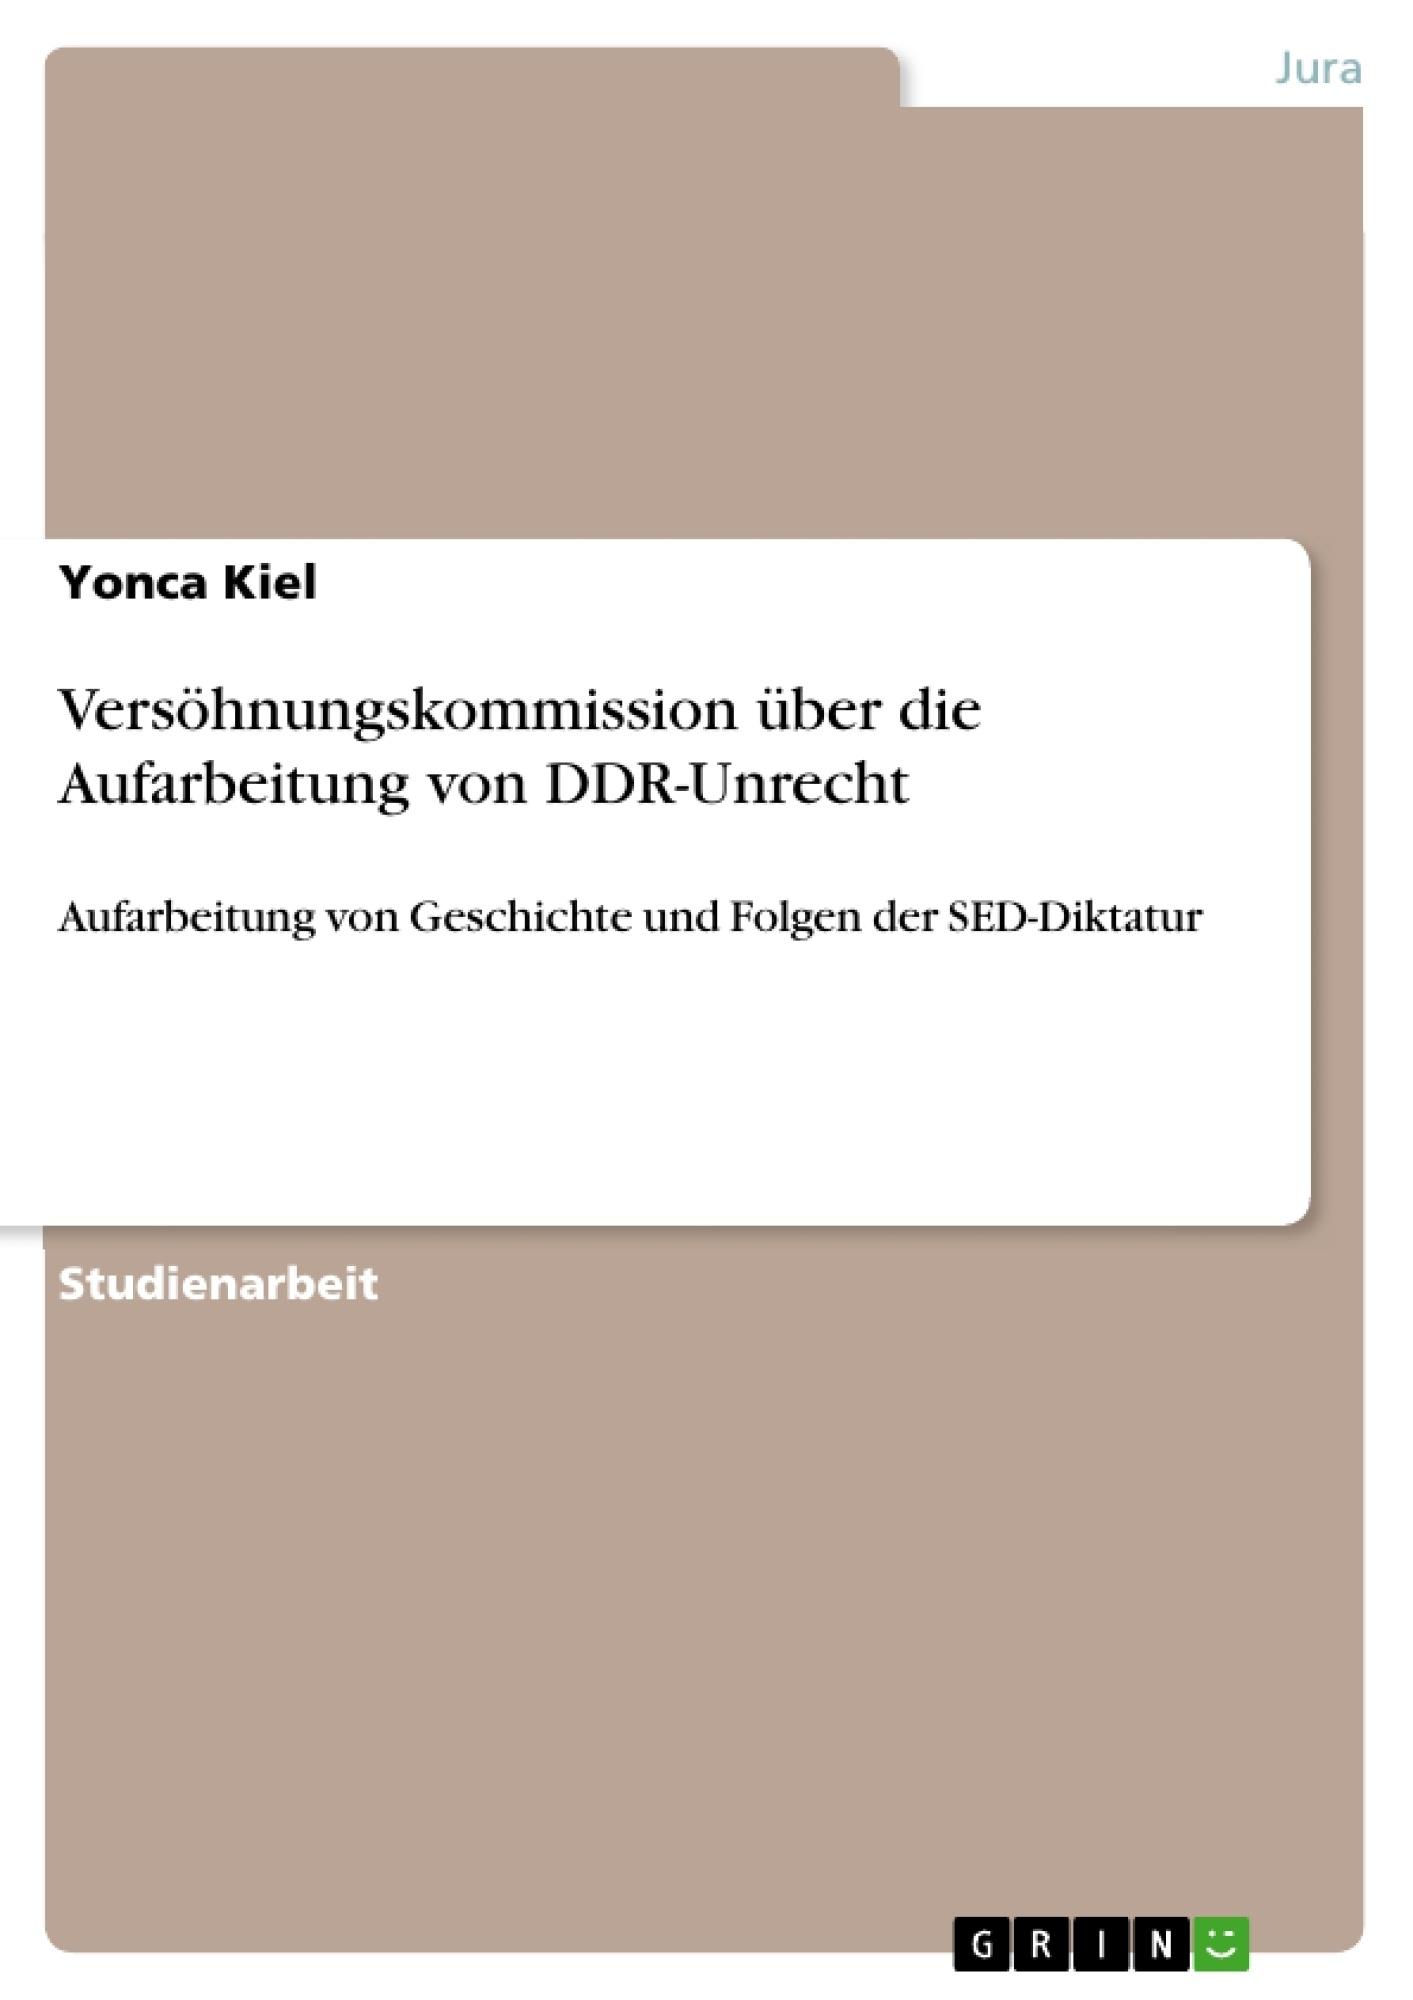 Titel: Versöhnungskommission über die Aufarbeitung von DDR-Unrecht